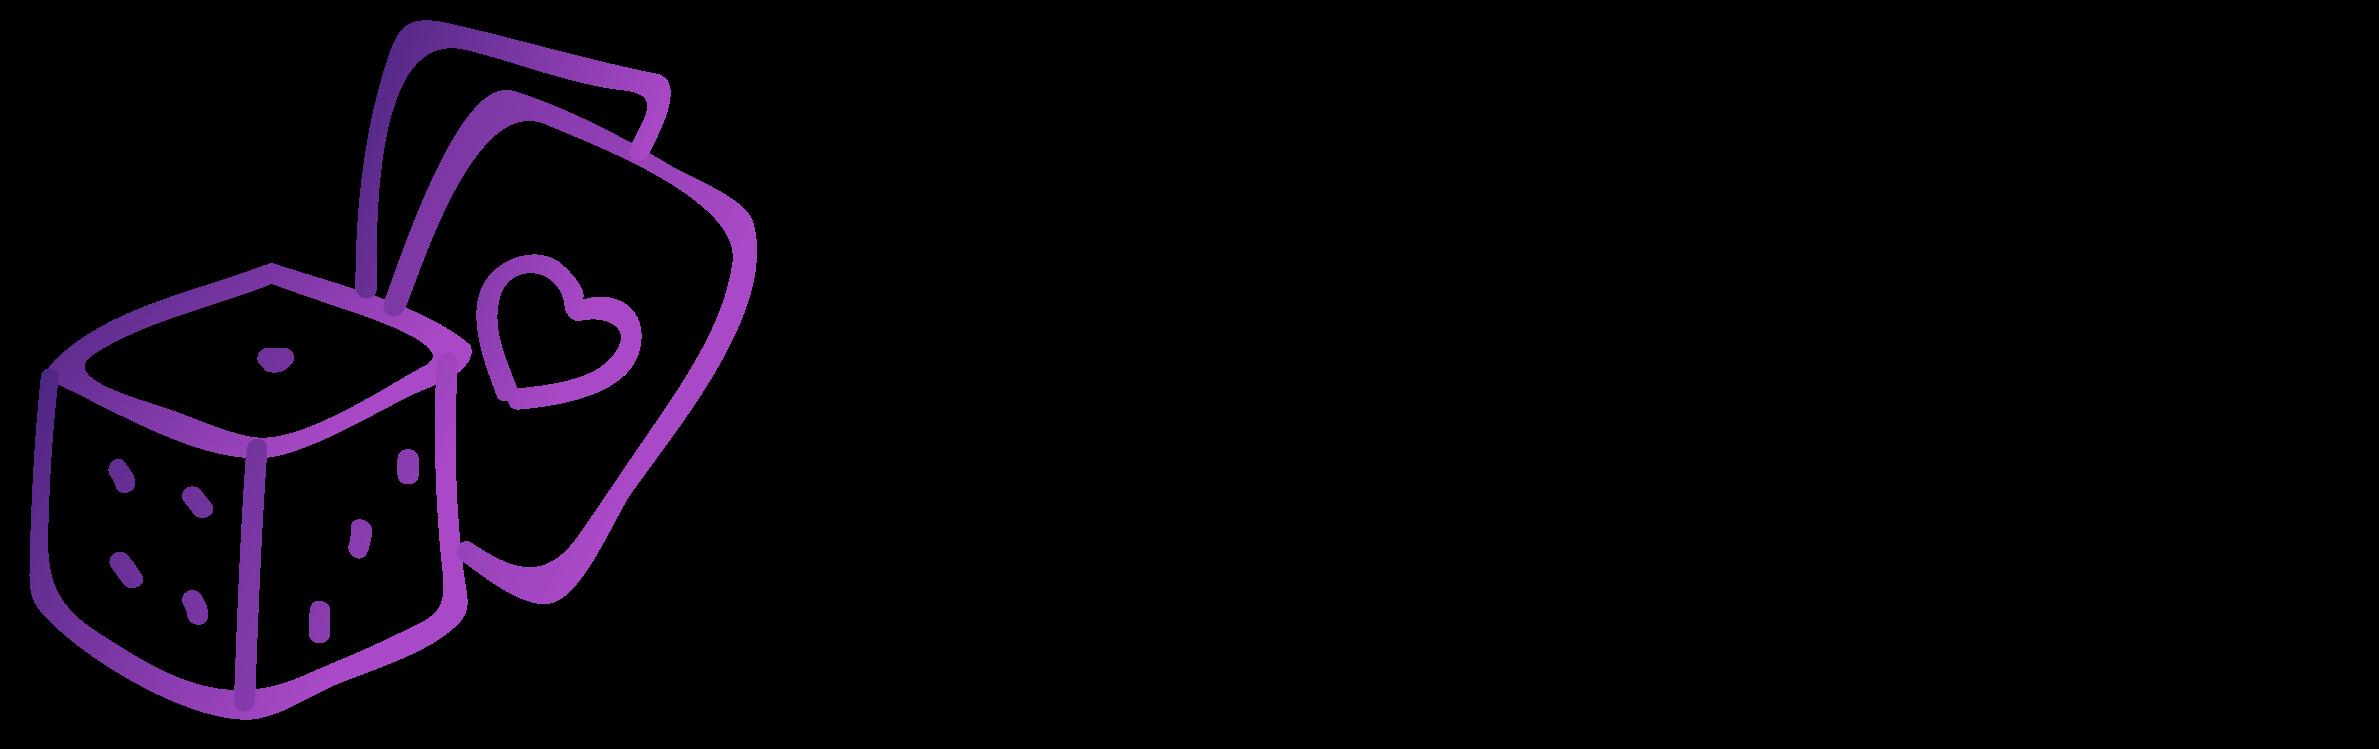 3oyon.net